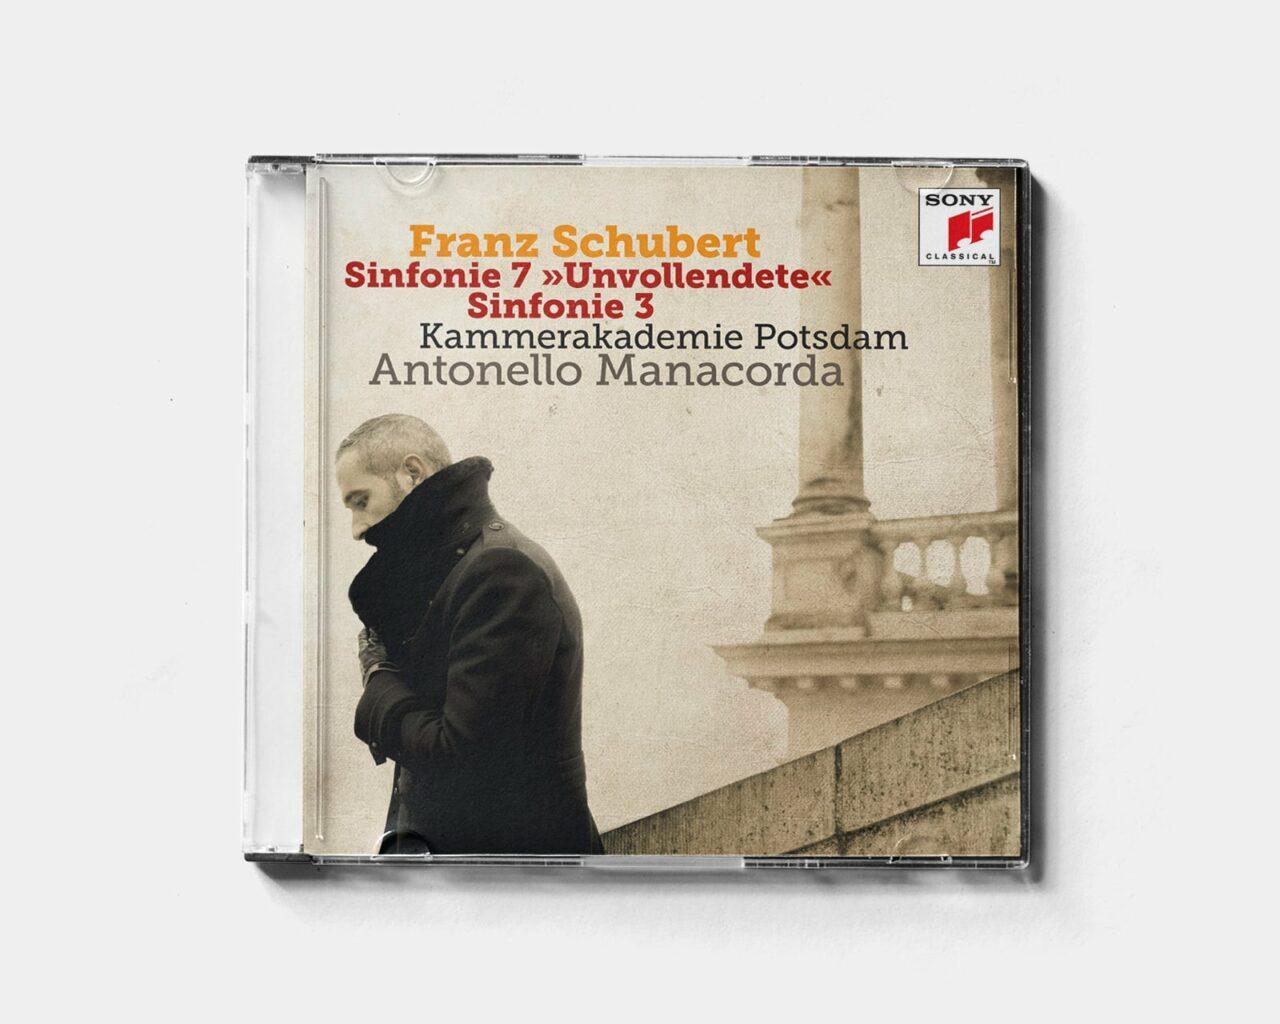 2012 Schubert 3 Und 7 Druckversion